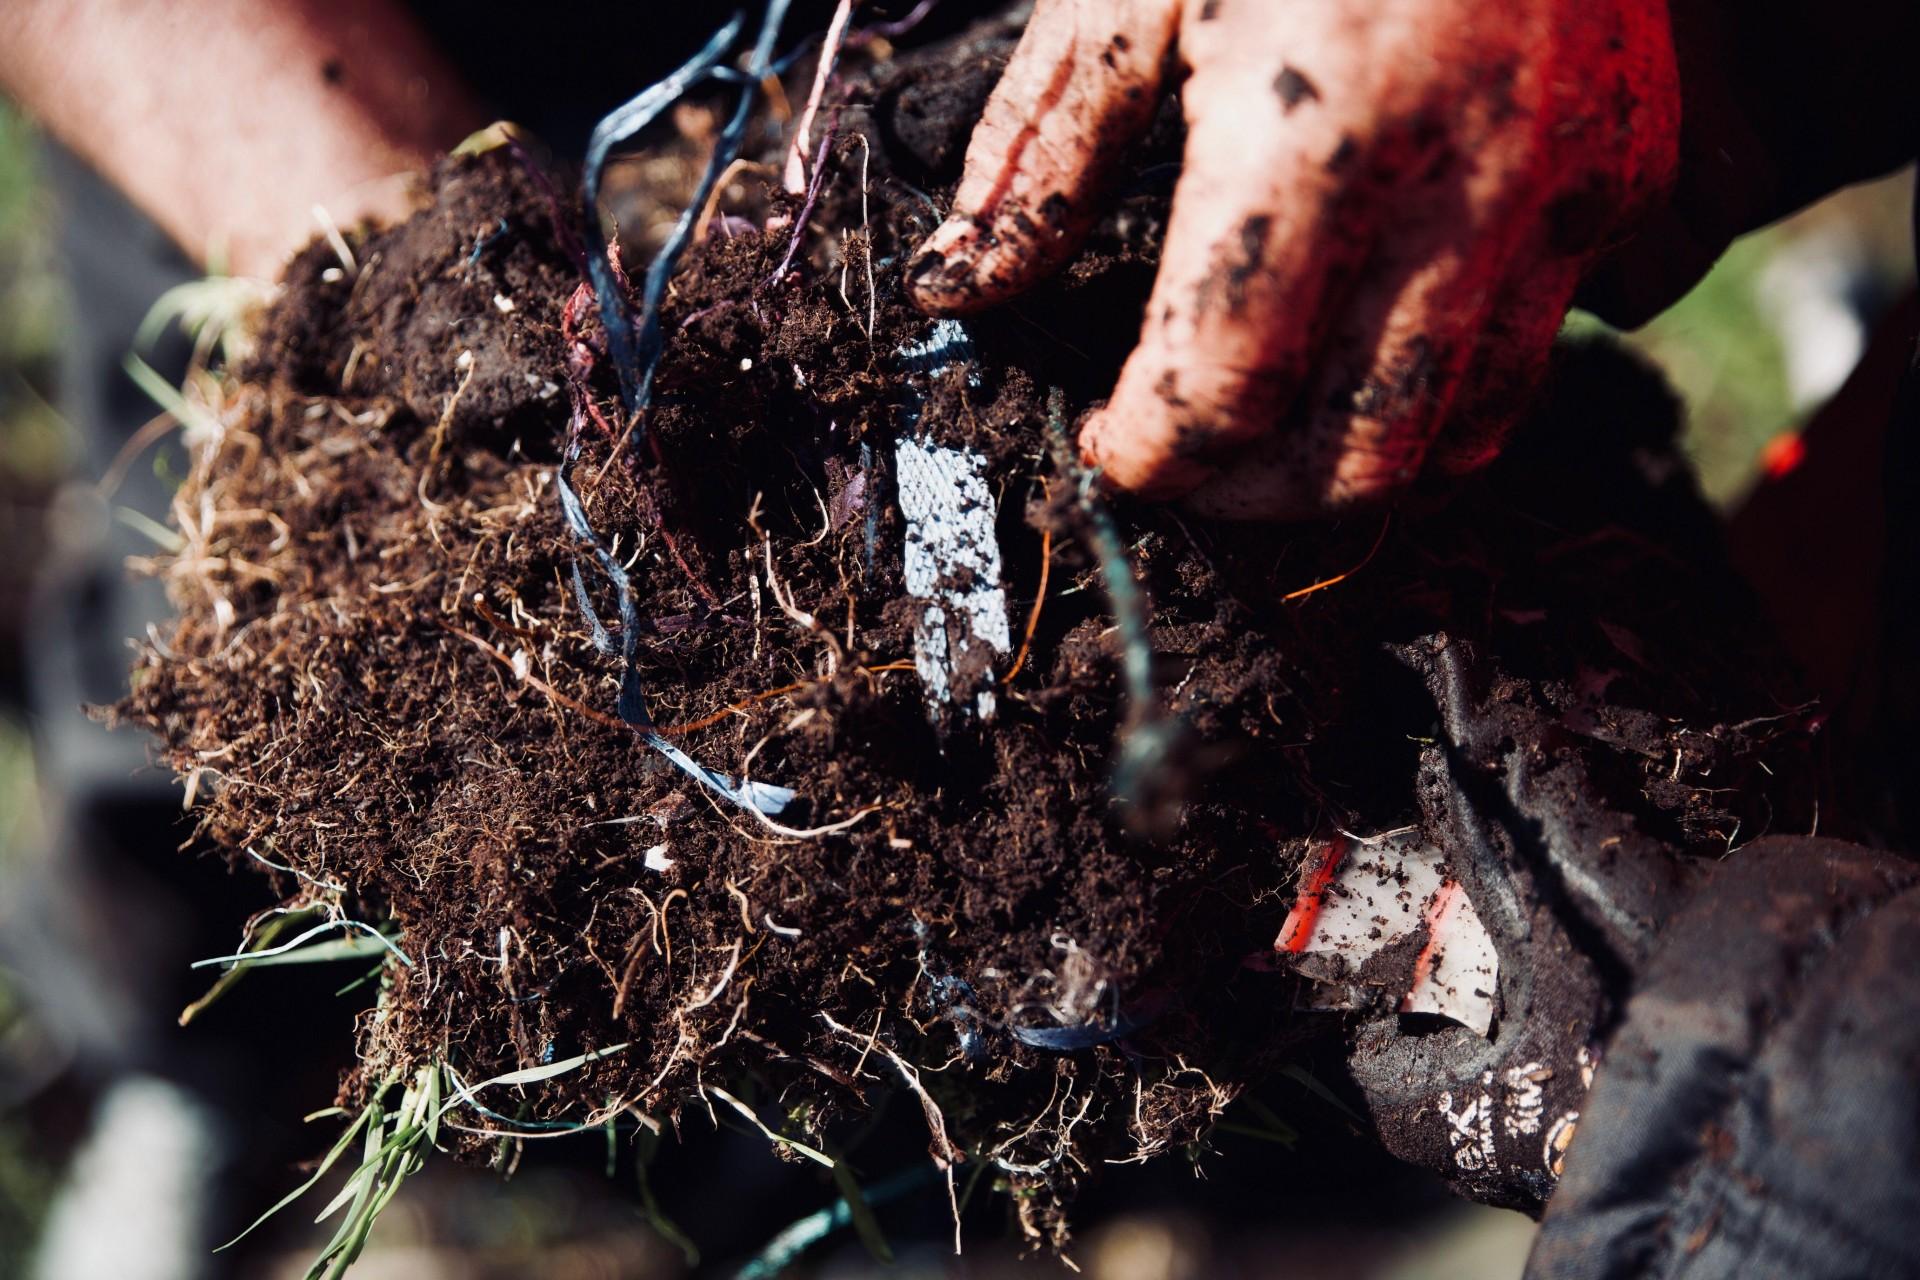 Nå må Norge kjempe for en global avtale mot plastforsøpling